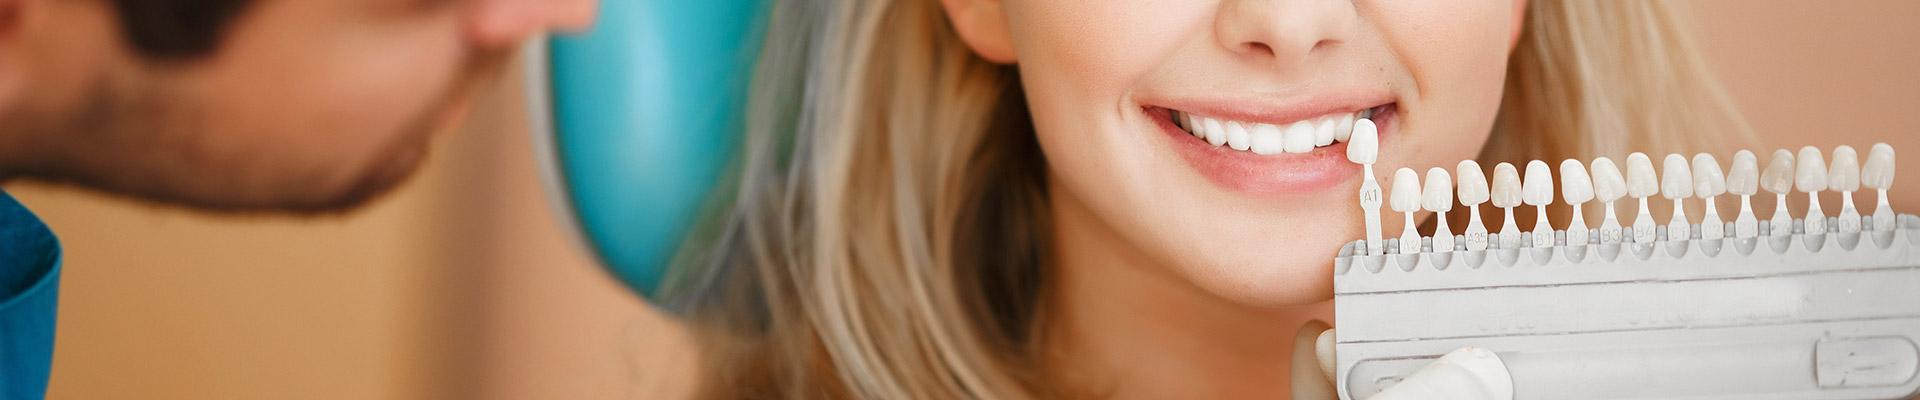 Blanqueamiento dental en Jerez